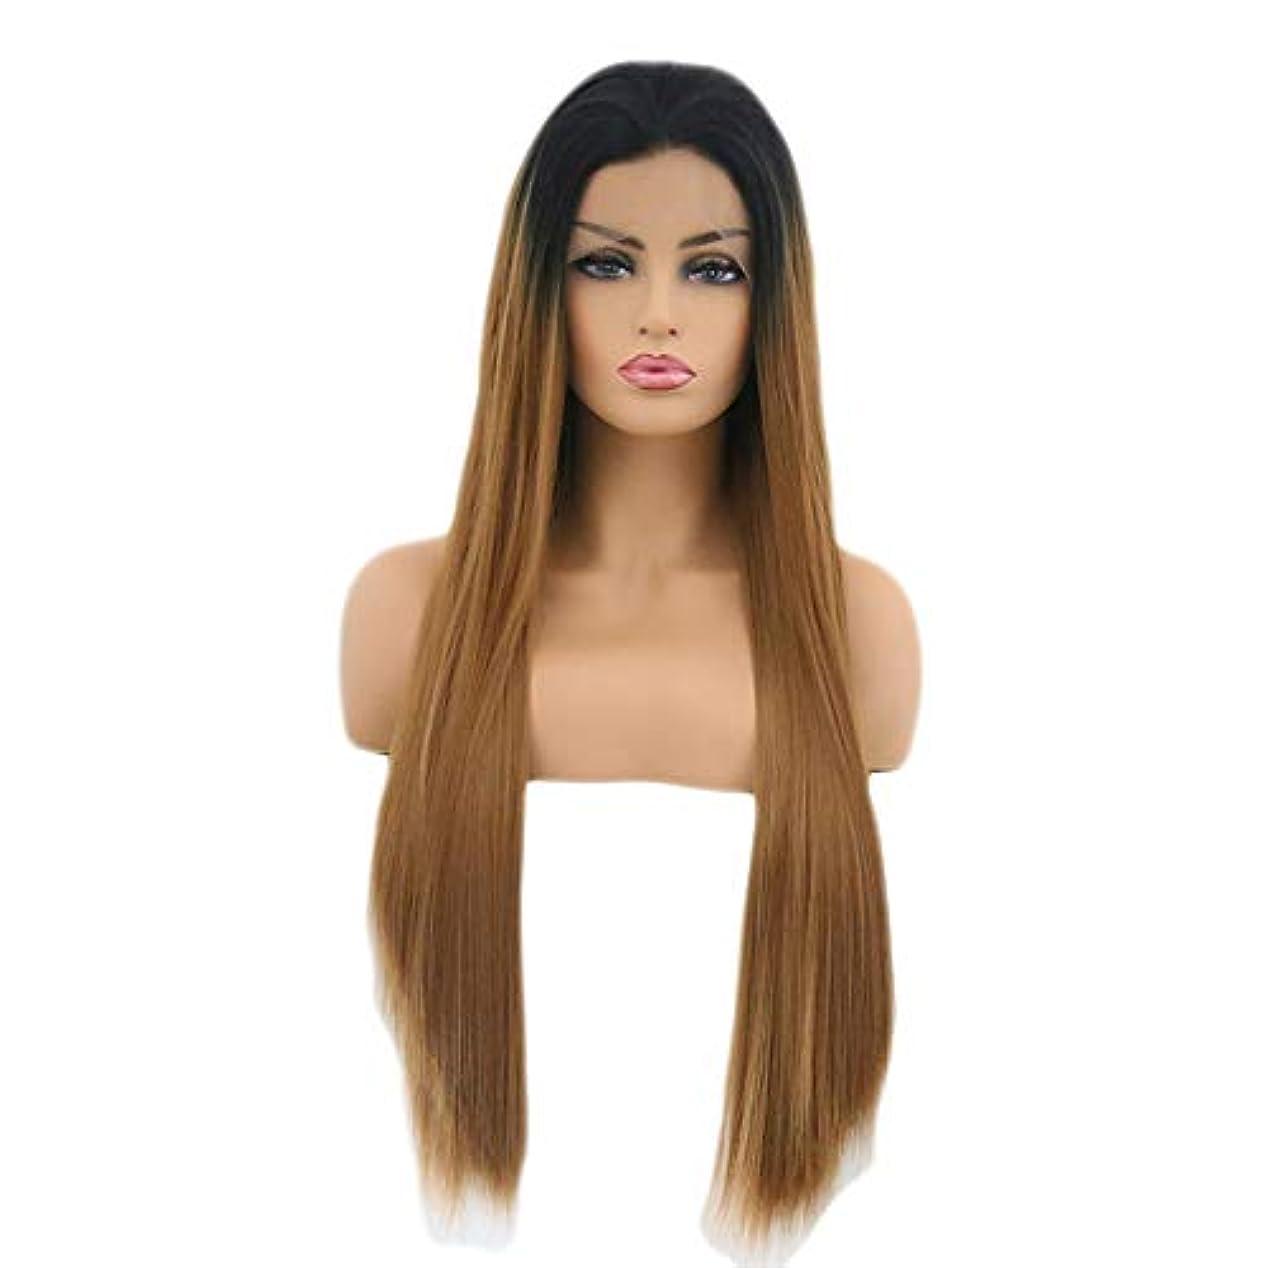 デクリメントキャリッジ震えるファッショナブルな女性のかつら、長いストレートの髪のかつら、任意の頭の形のための高温ワイヤー調節可能なかつら16-26インチの自然なフロントレースのグラデーション